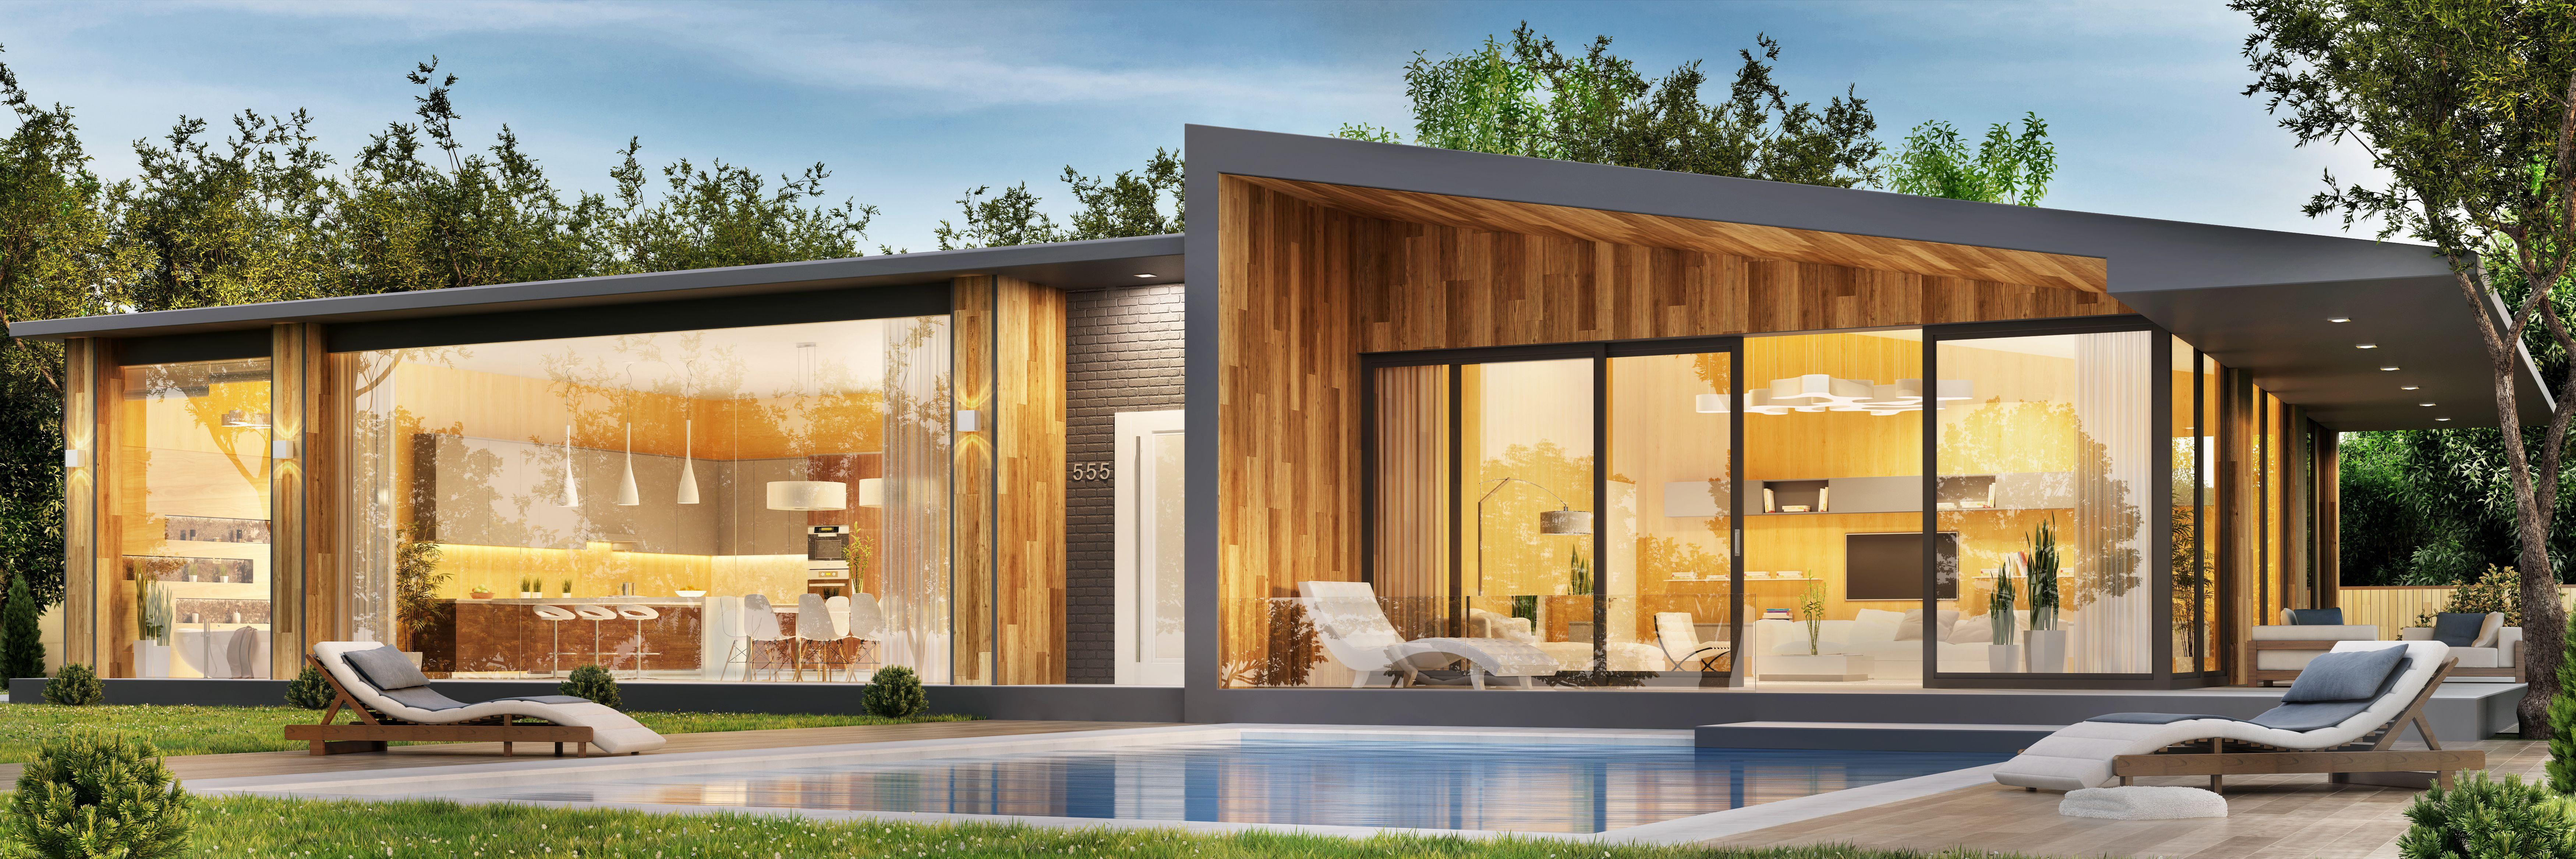 Casa modular nexhabitat acero